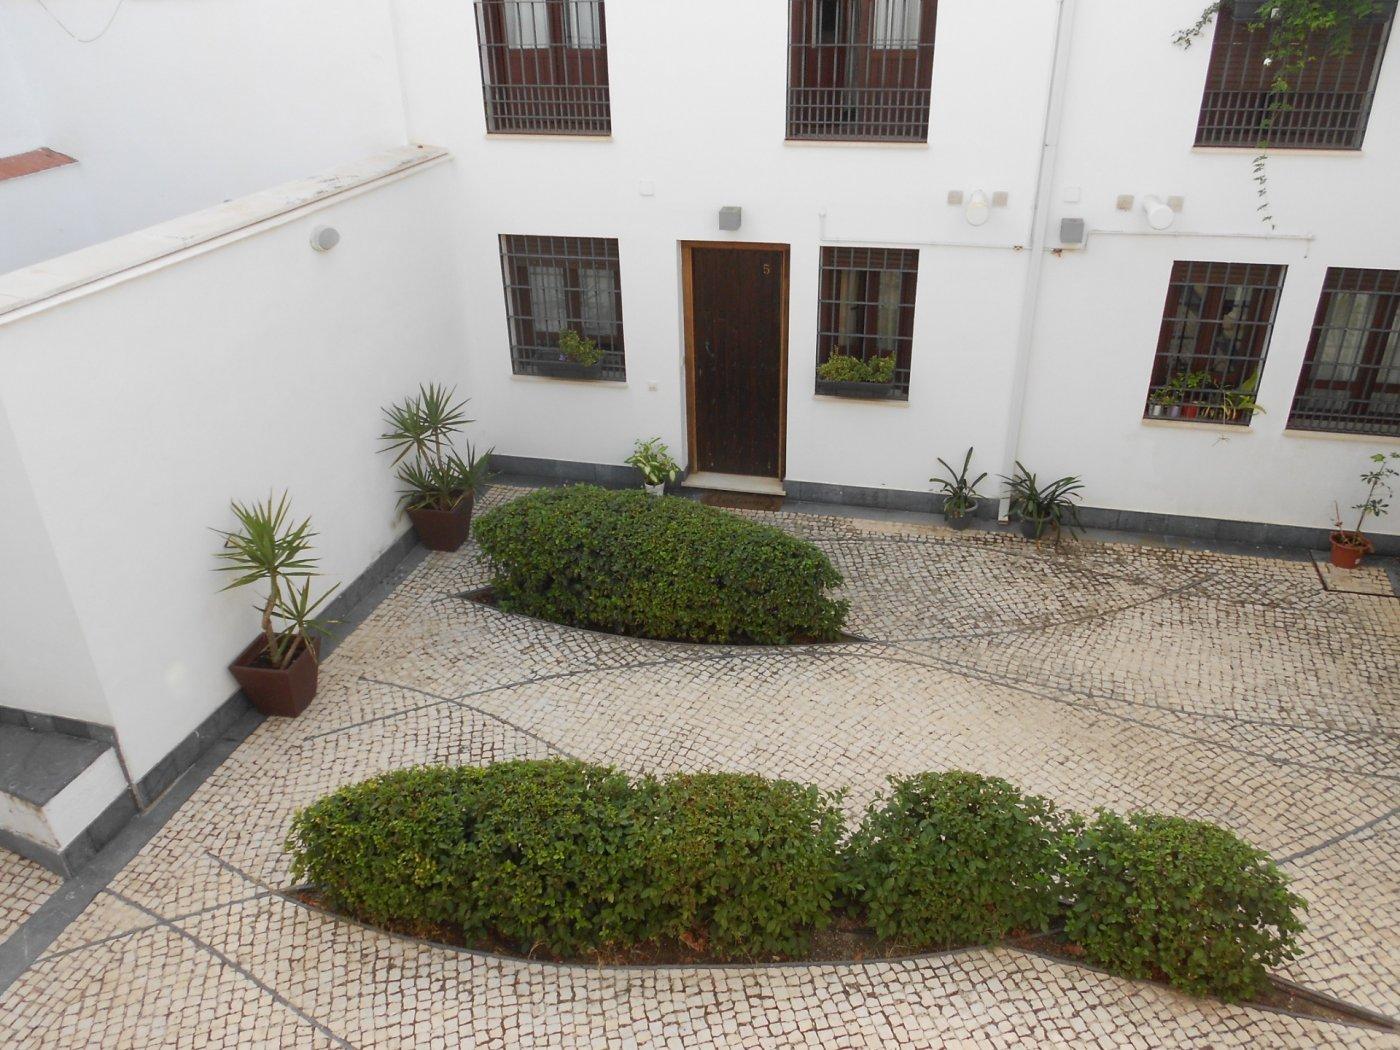 Casa adosada entre ollerÍas y san agustÍn - imagenInmueble26